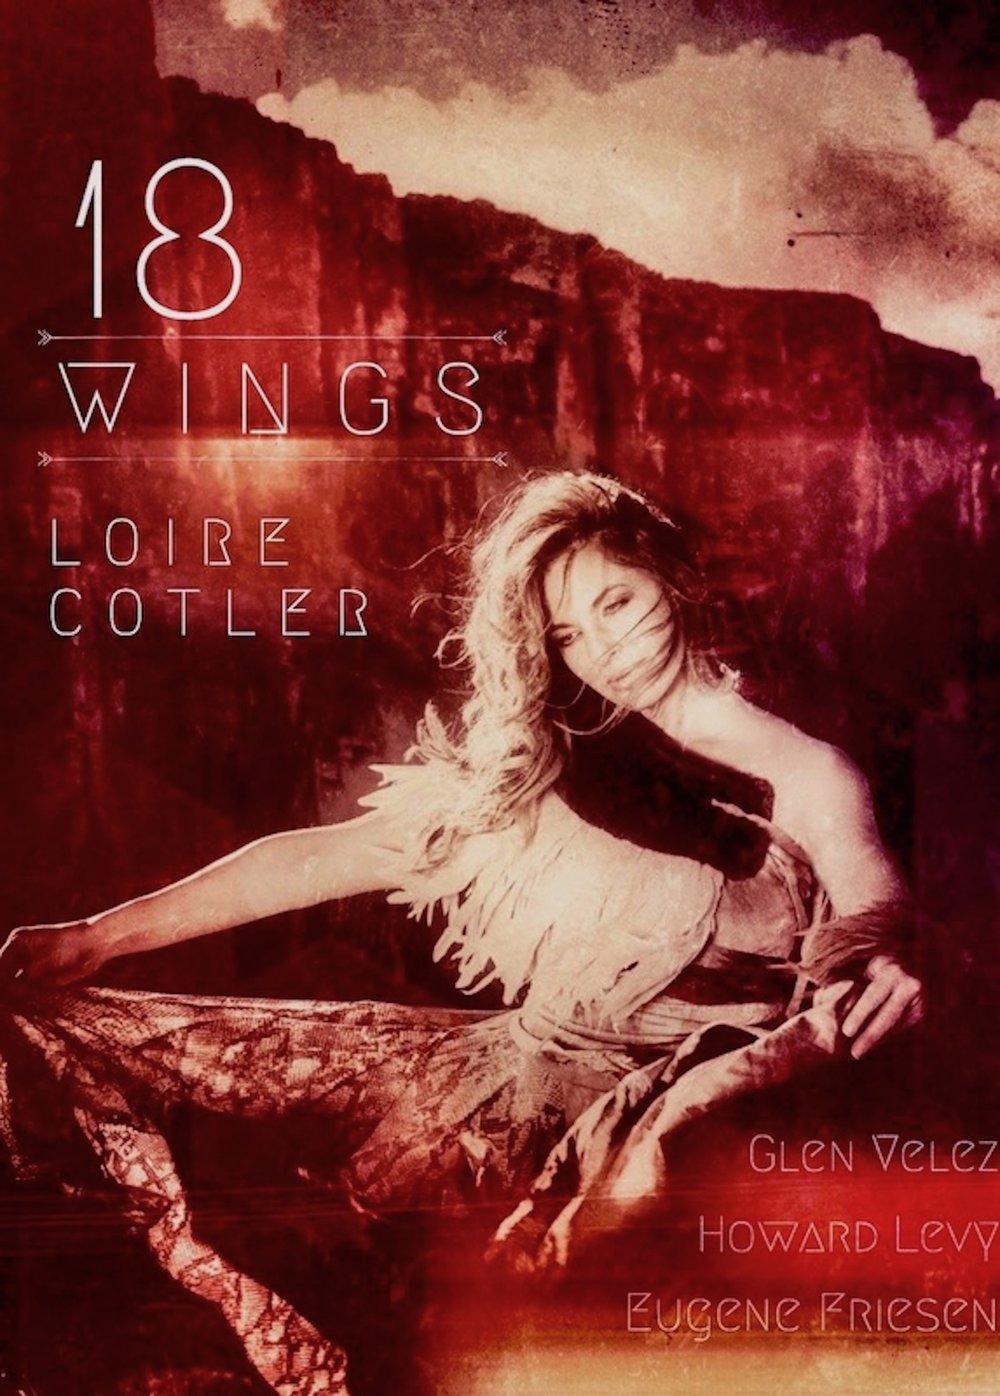 Loire 18 Wings.jpeg